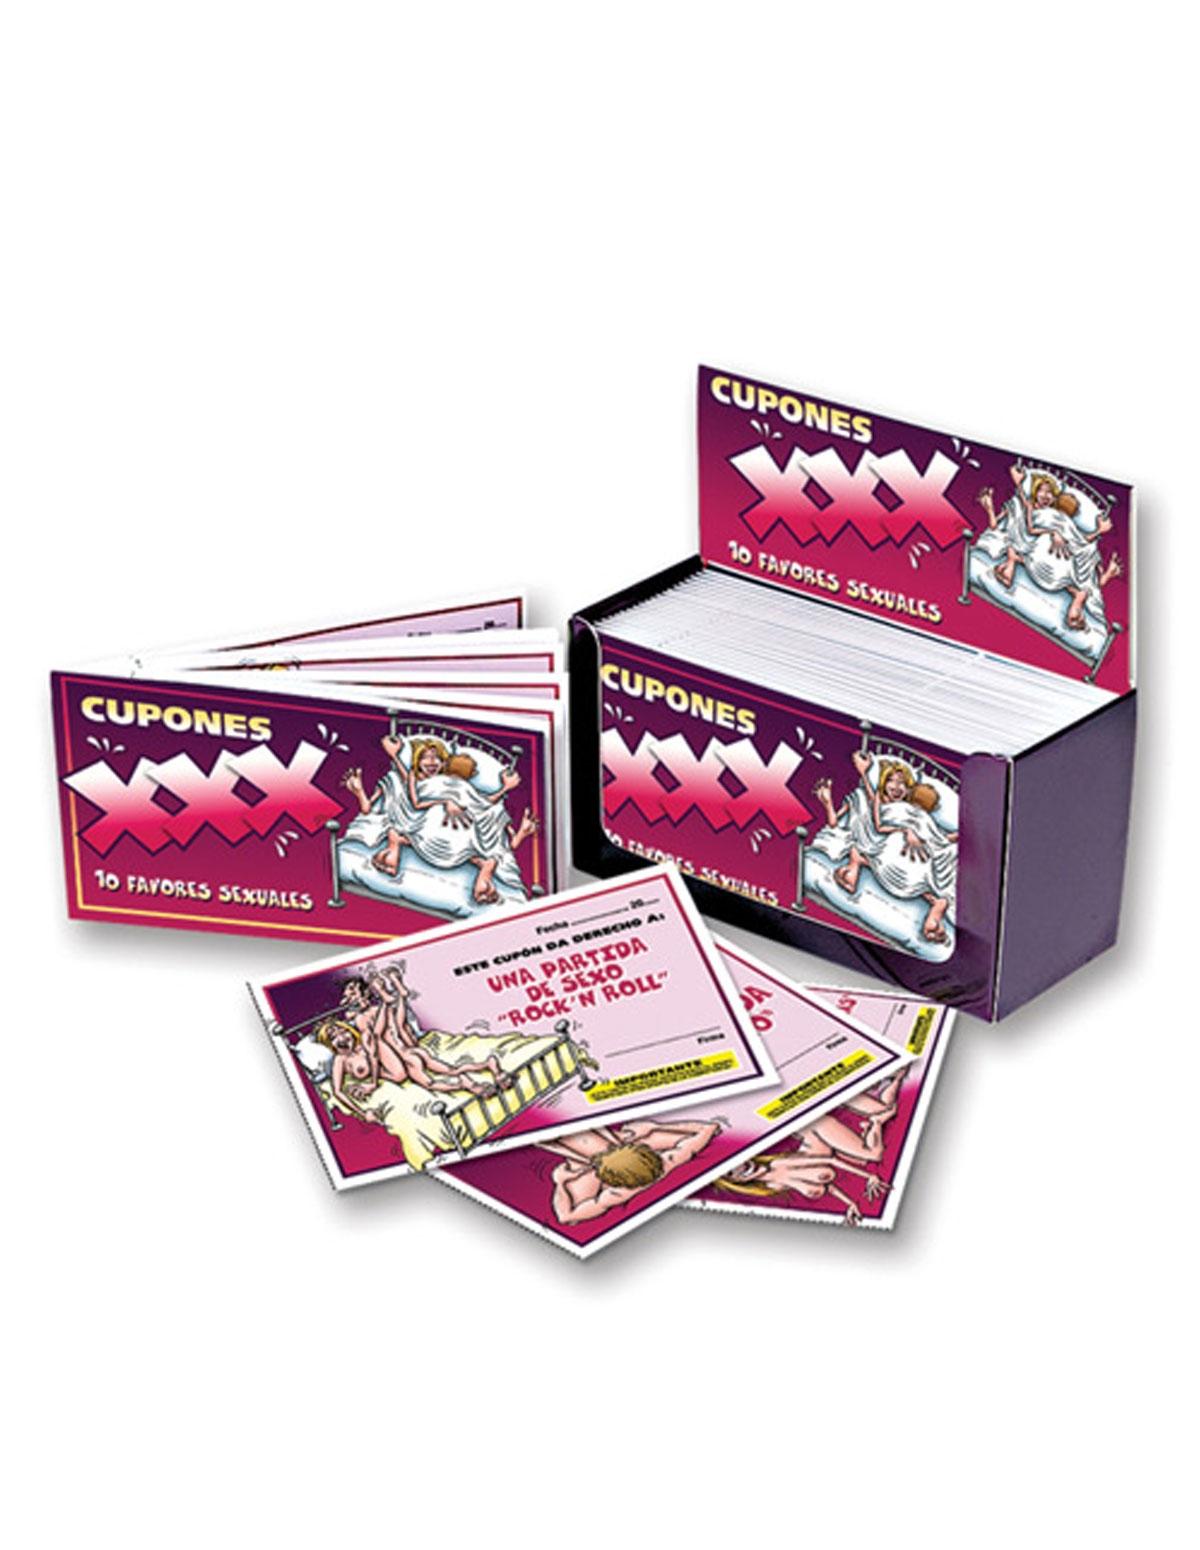 Cupones Xxx Game